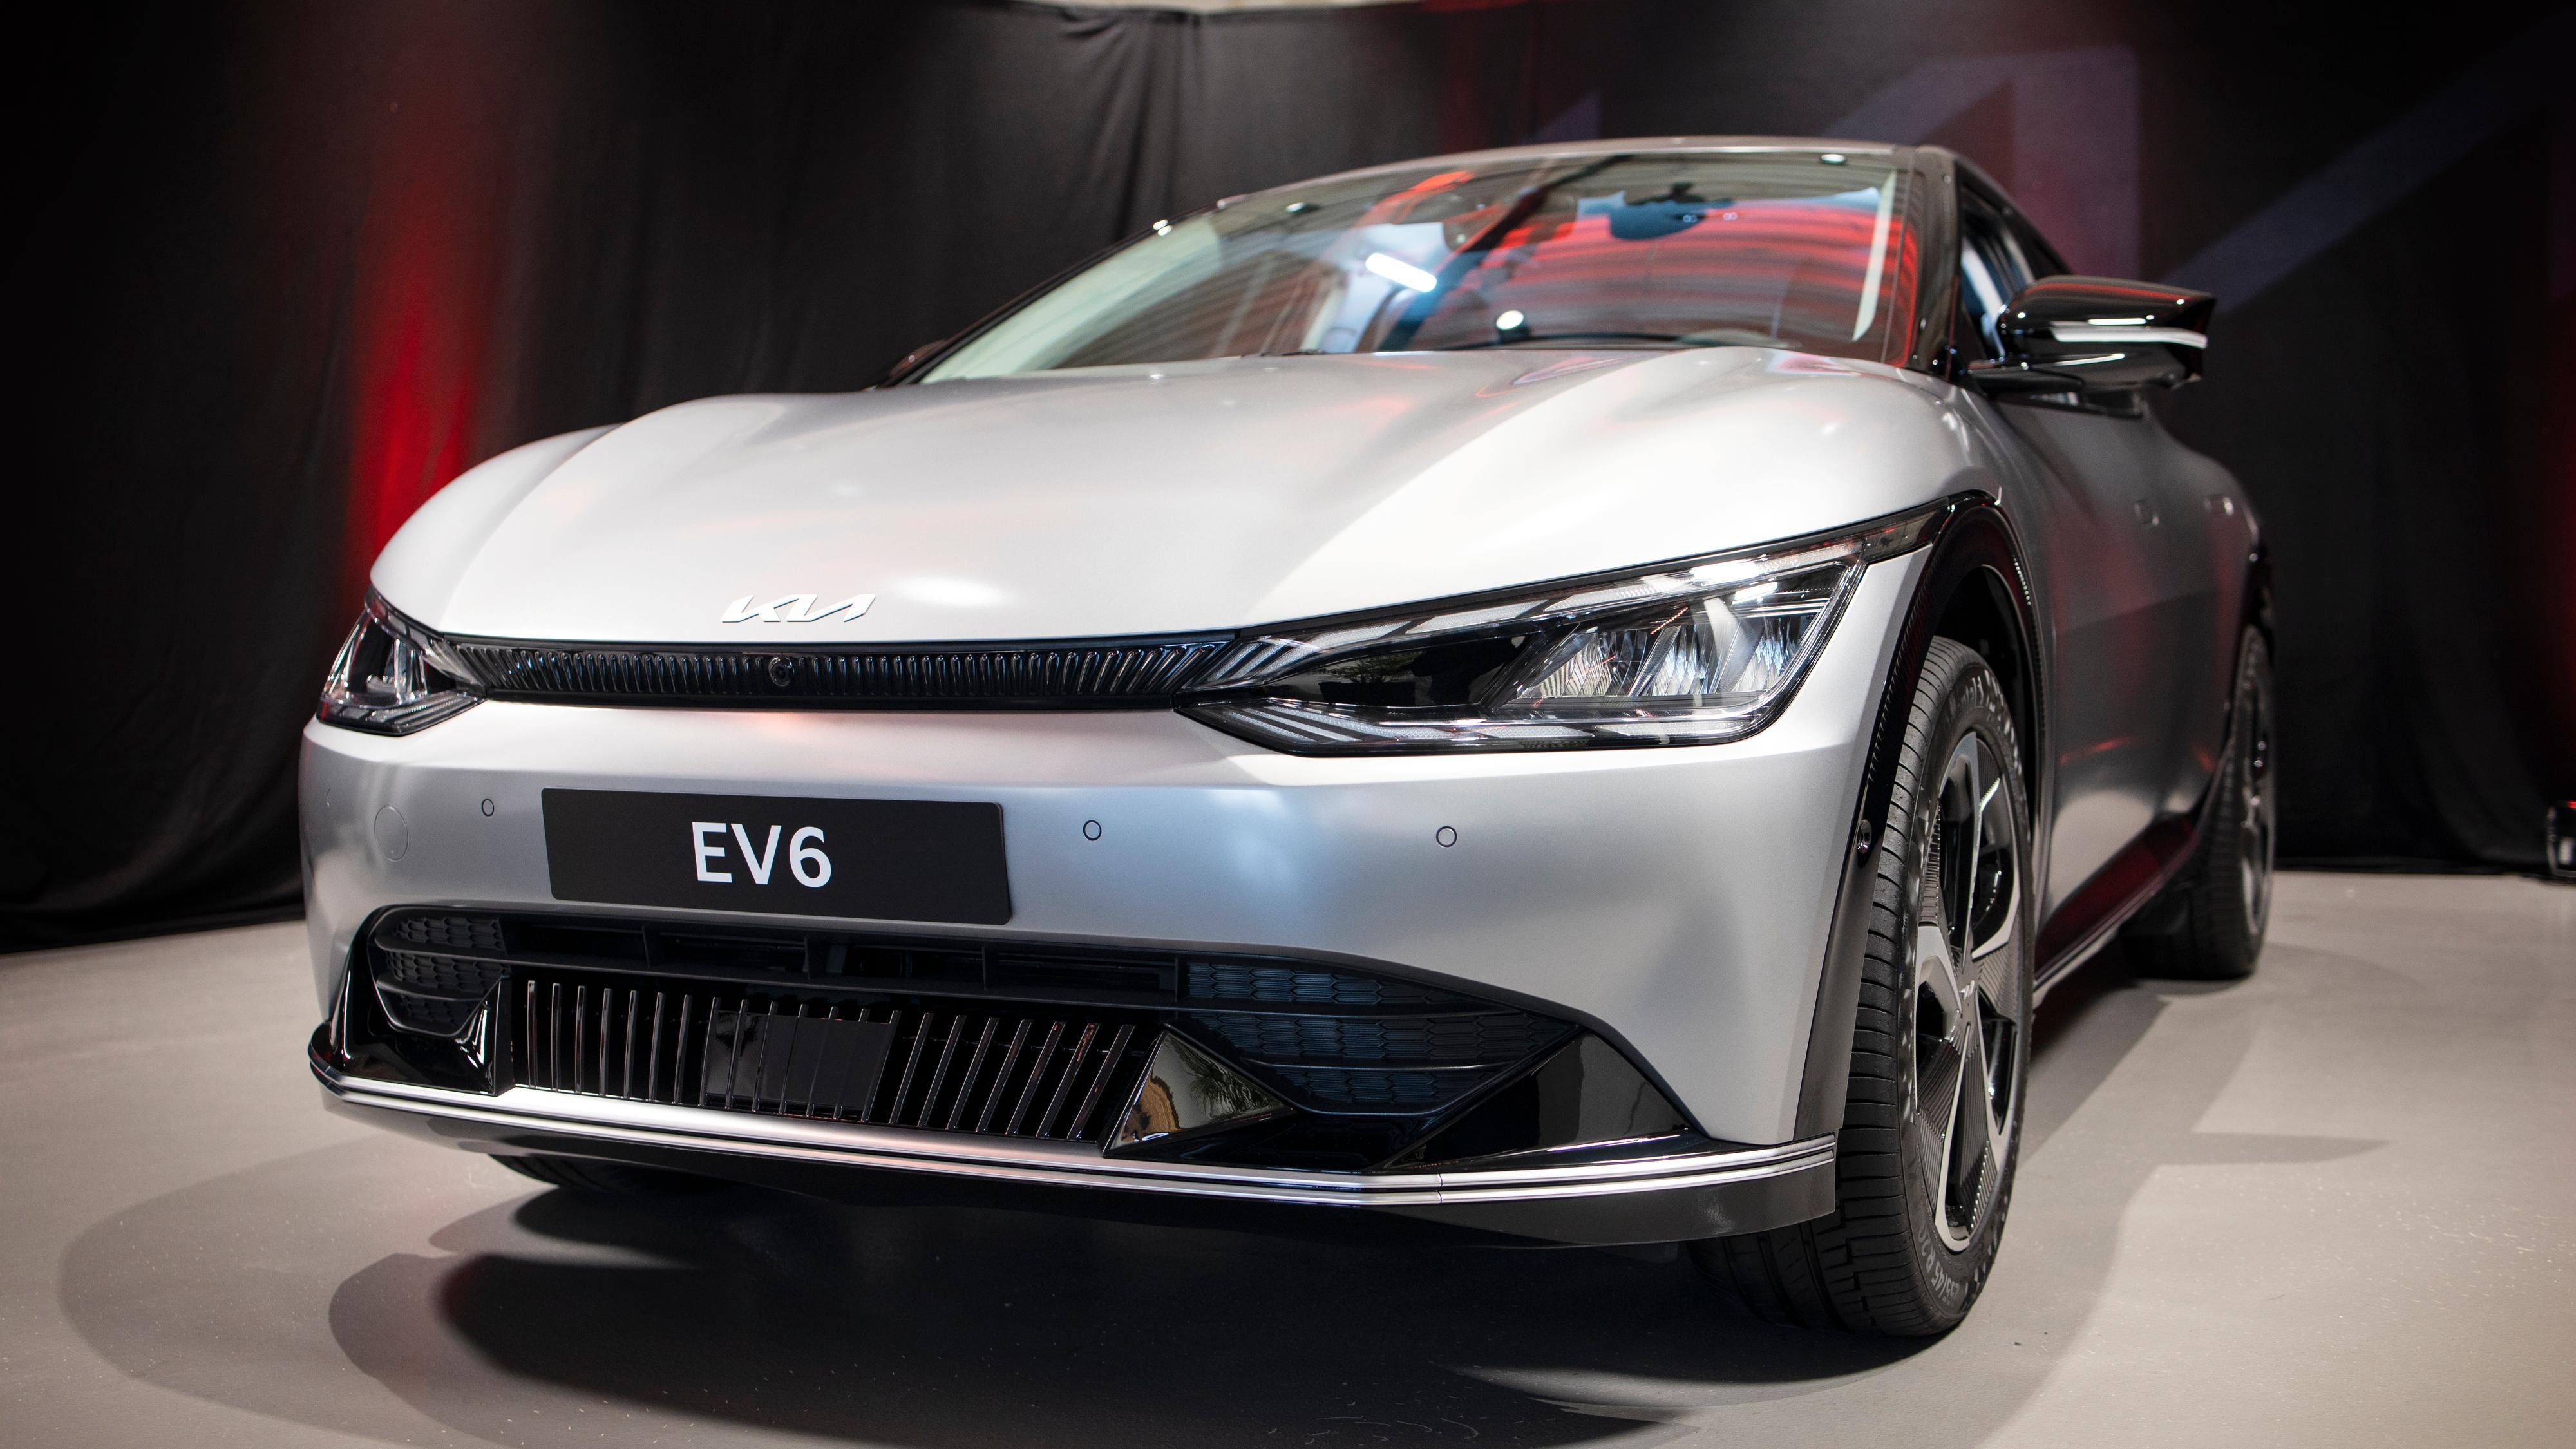 Sprekt design og full av teknologi: Her er Kias EV6 i Norge